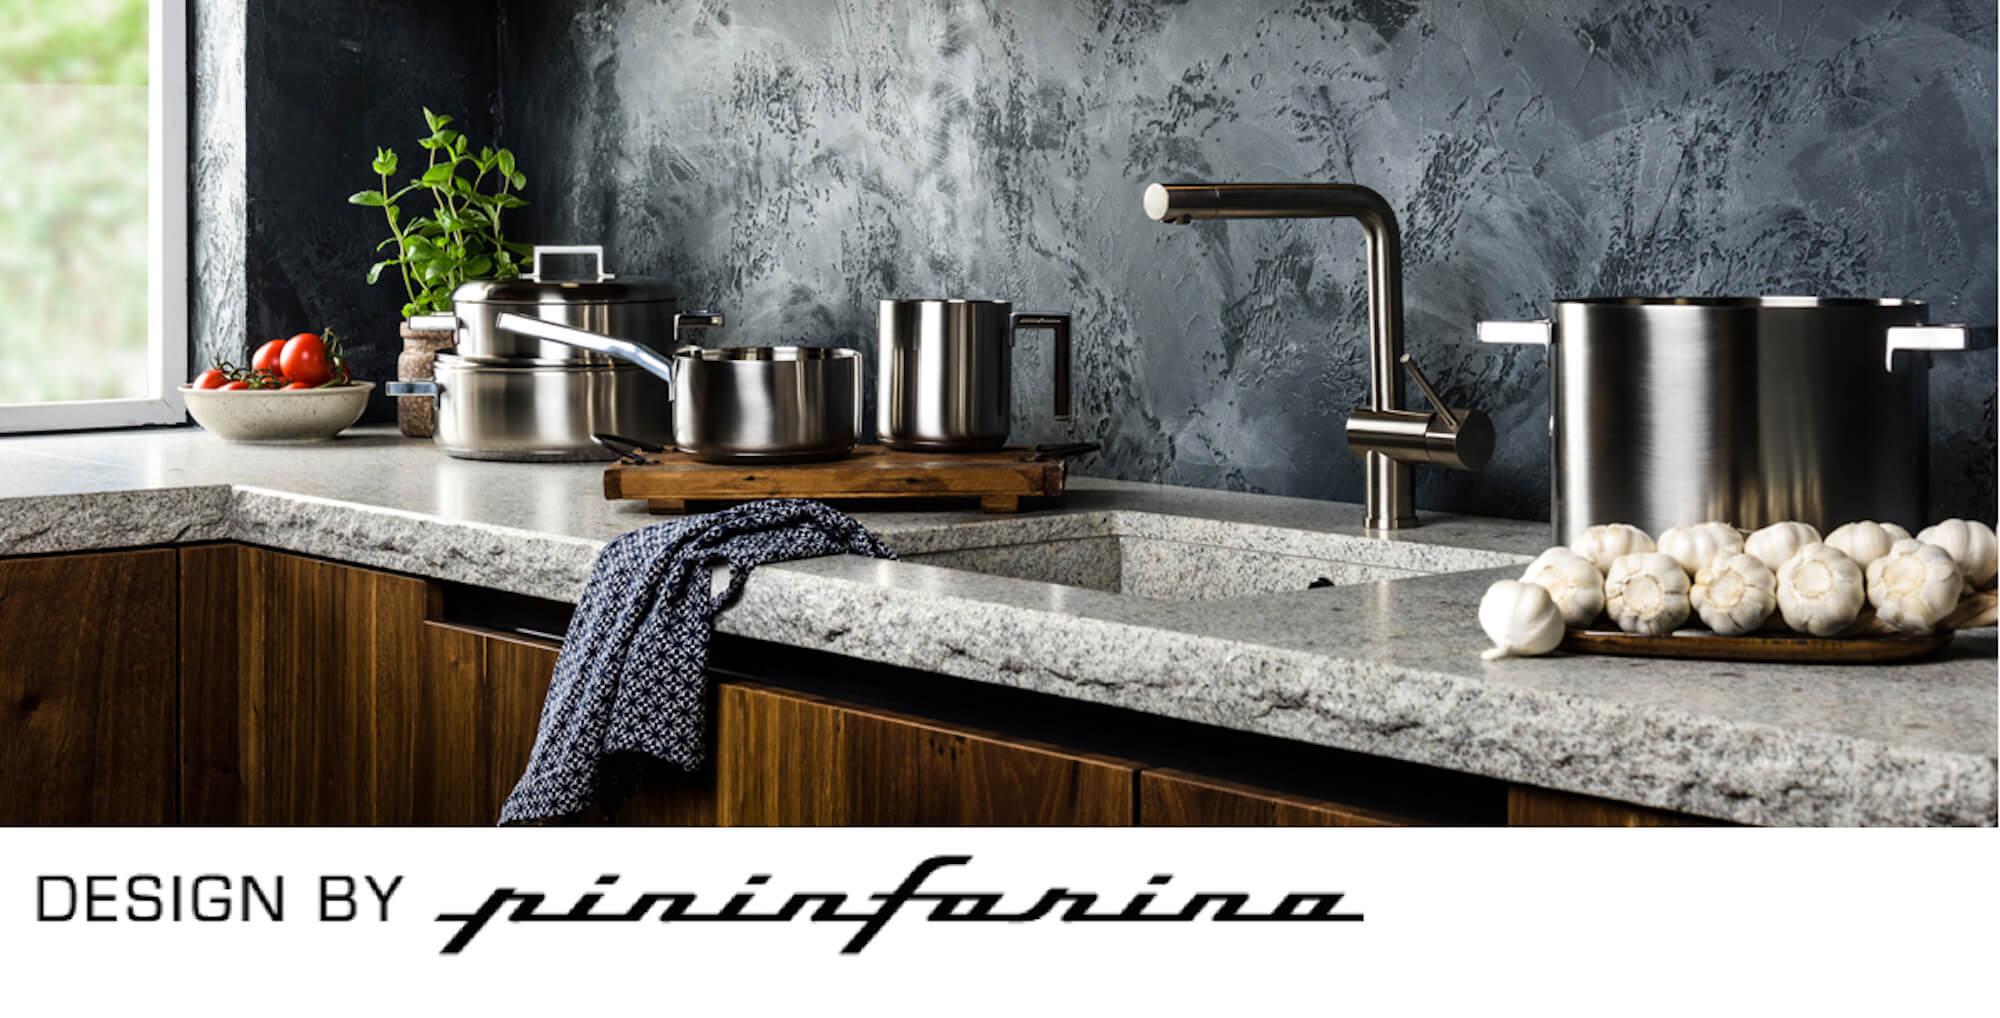 Kolekce Stile by Pininfarina, Mepra